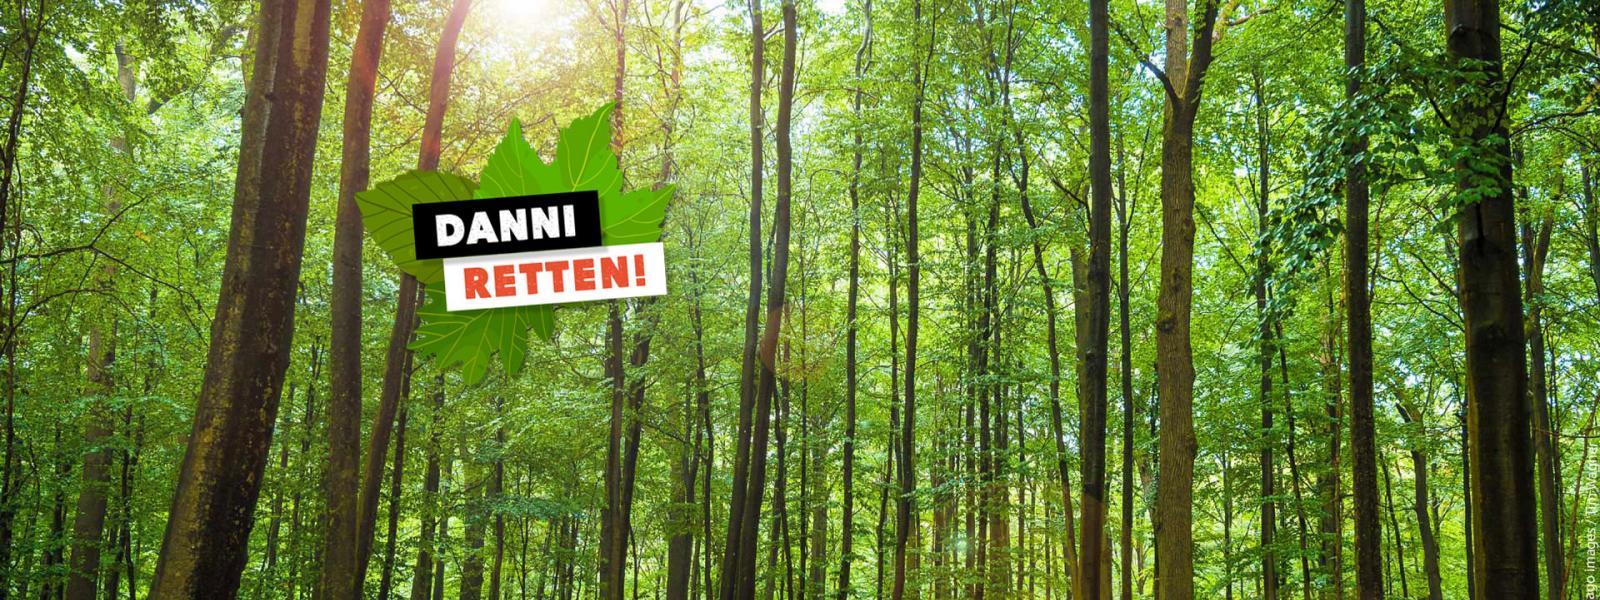 Alter Wald statt neue Straßen! Danni retten! Credit: imago images / Tim Wagner